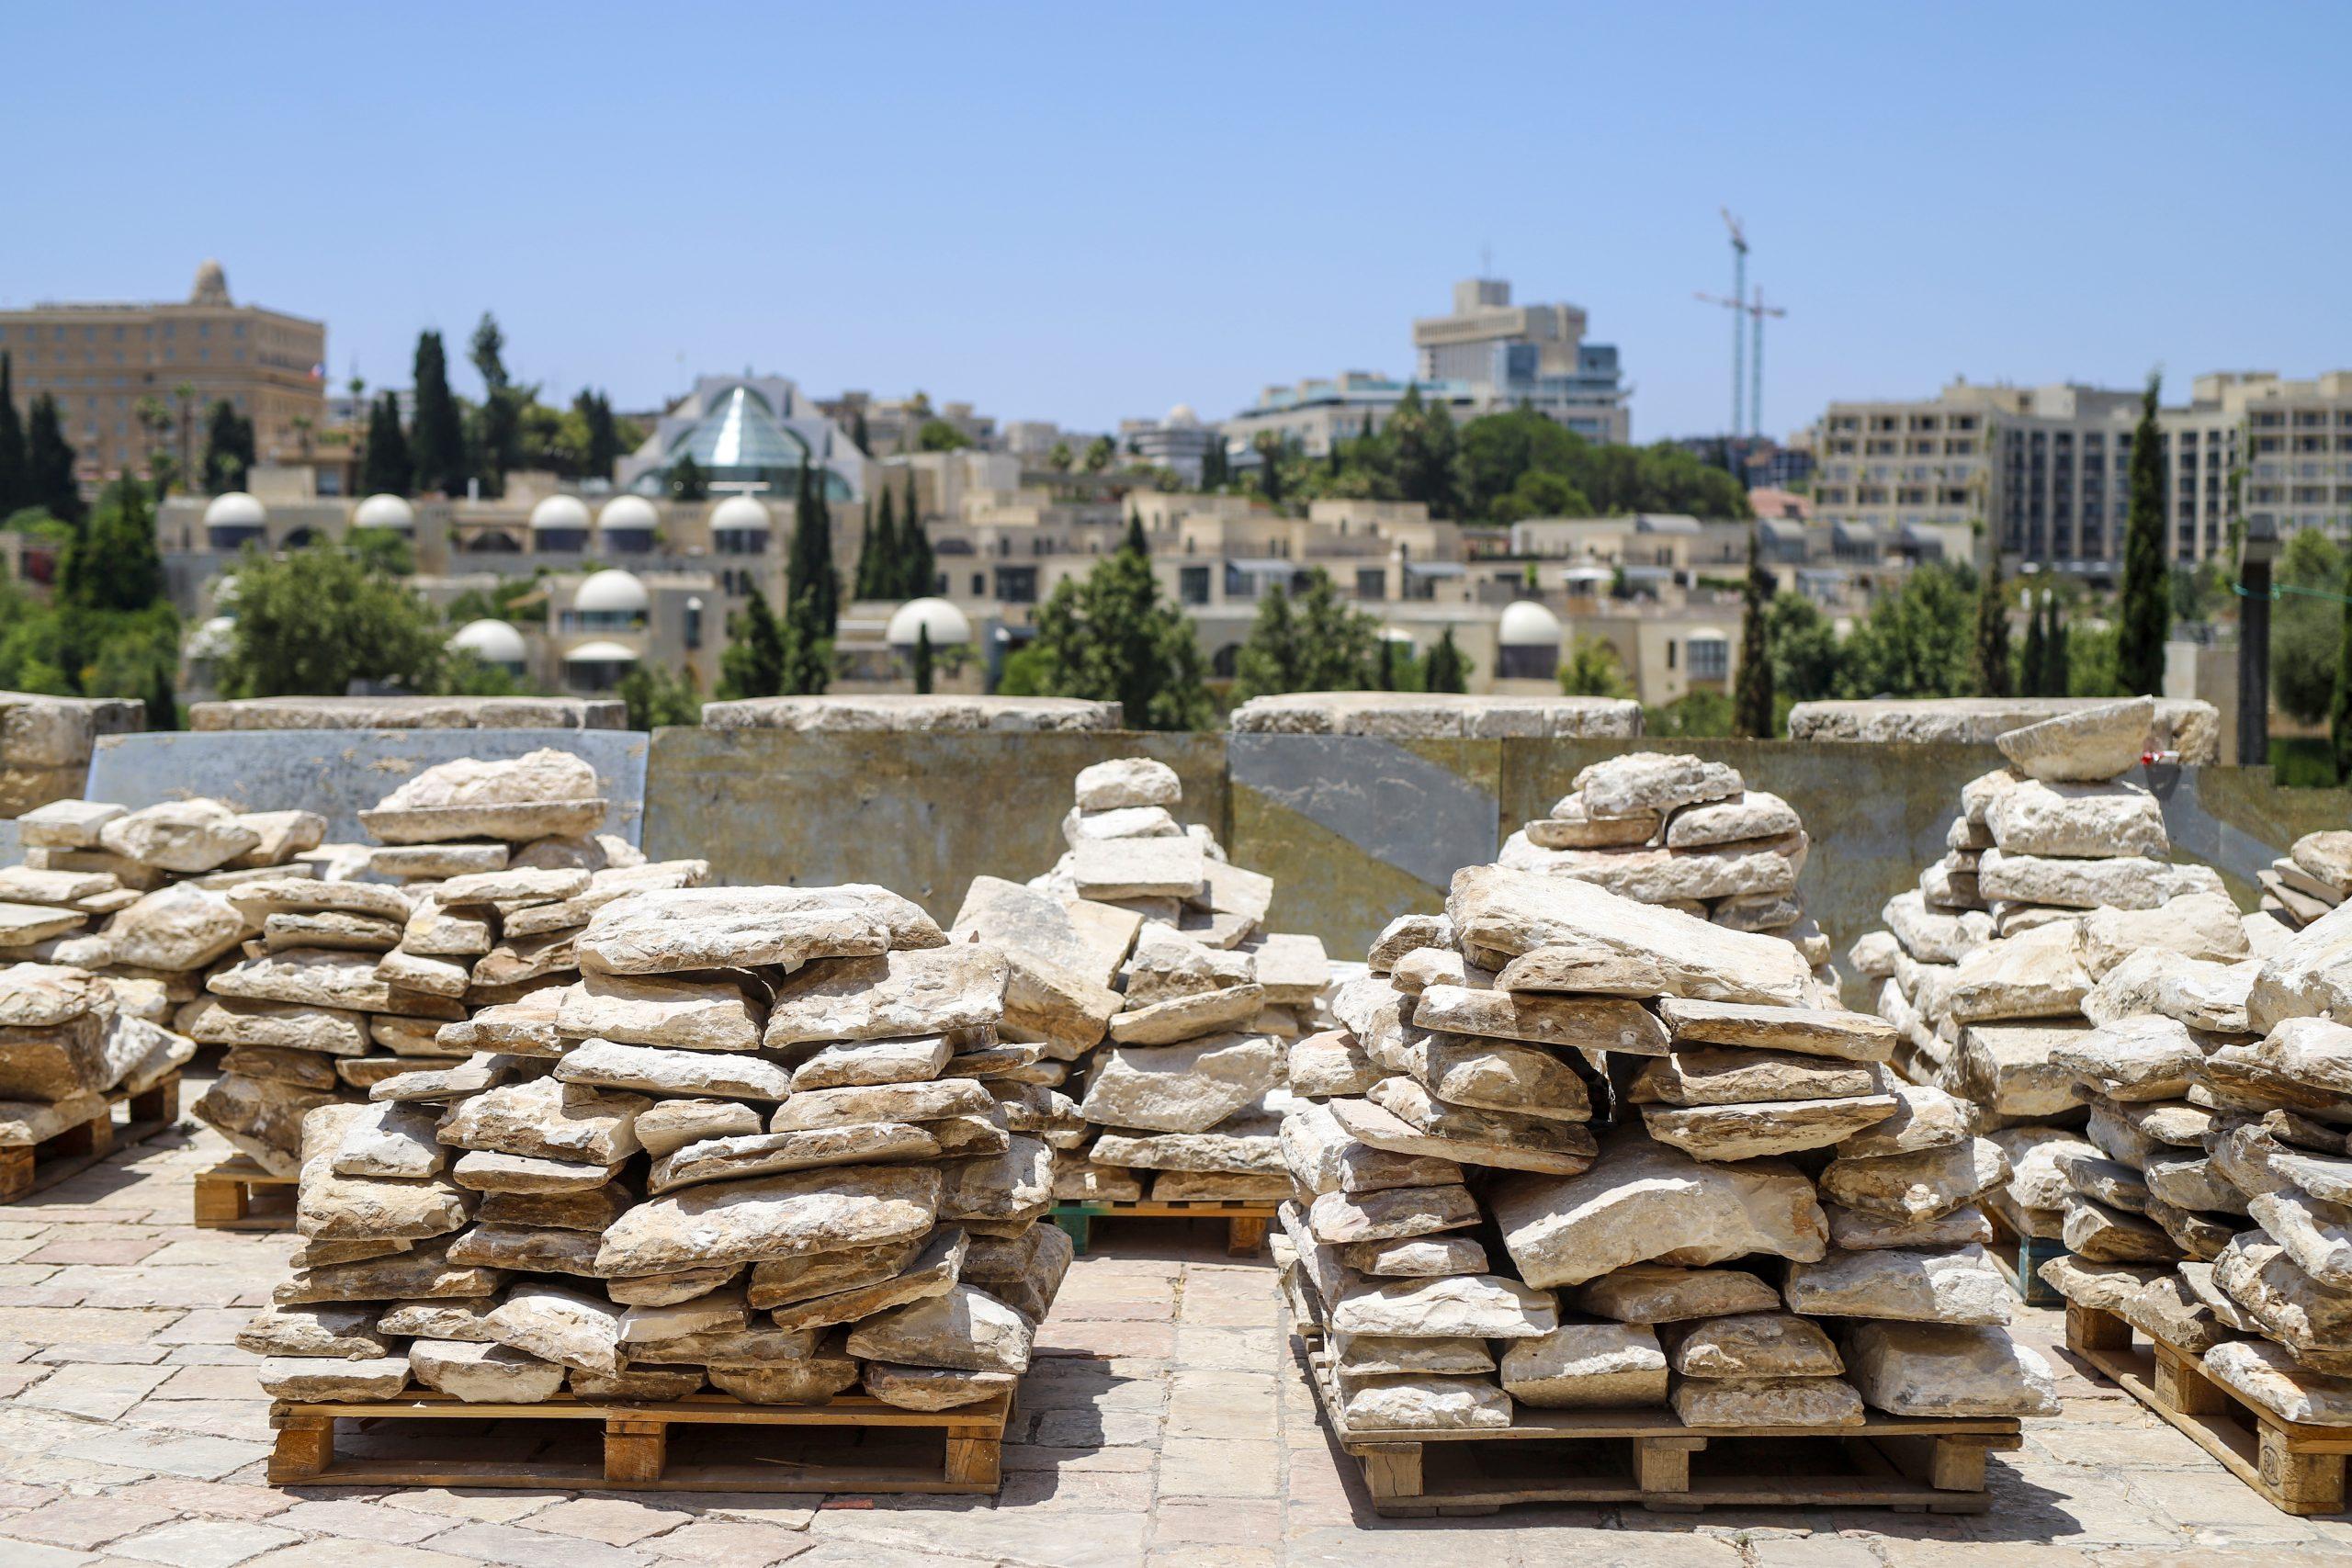 Иерусалим: камни вечности. Фото Рики Речмен. Предоставлено пресс-службой музея